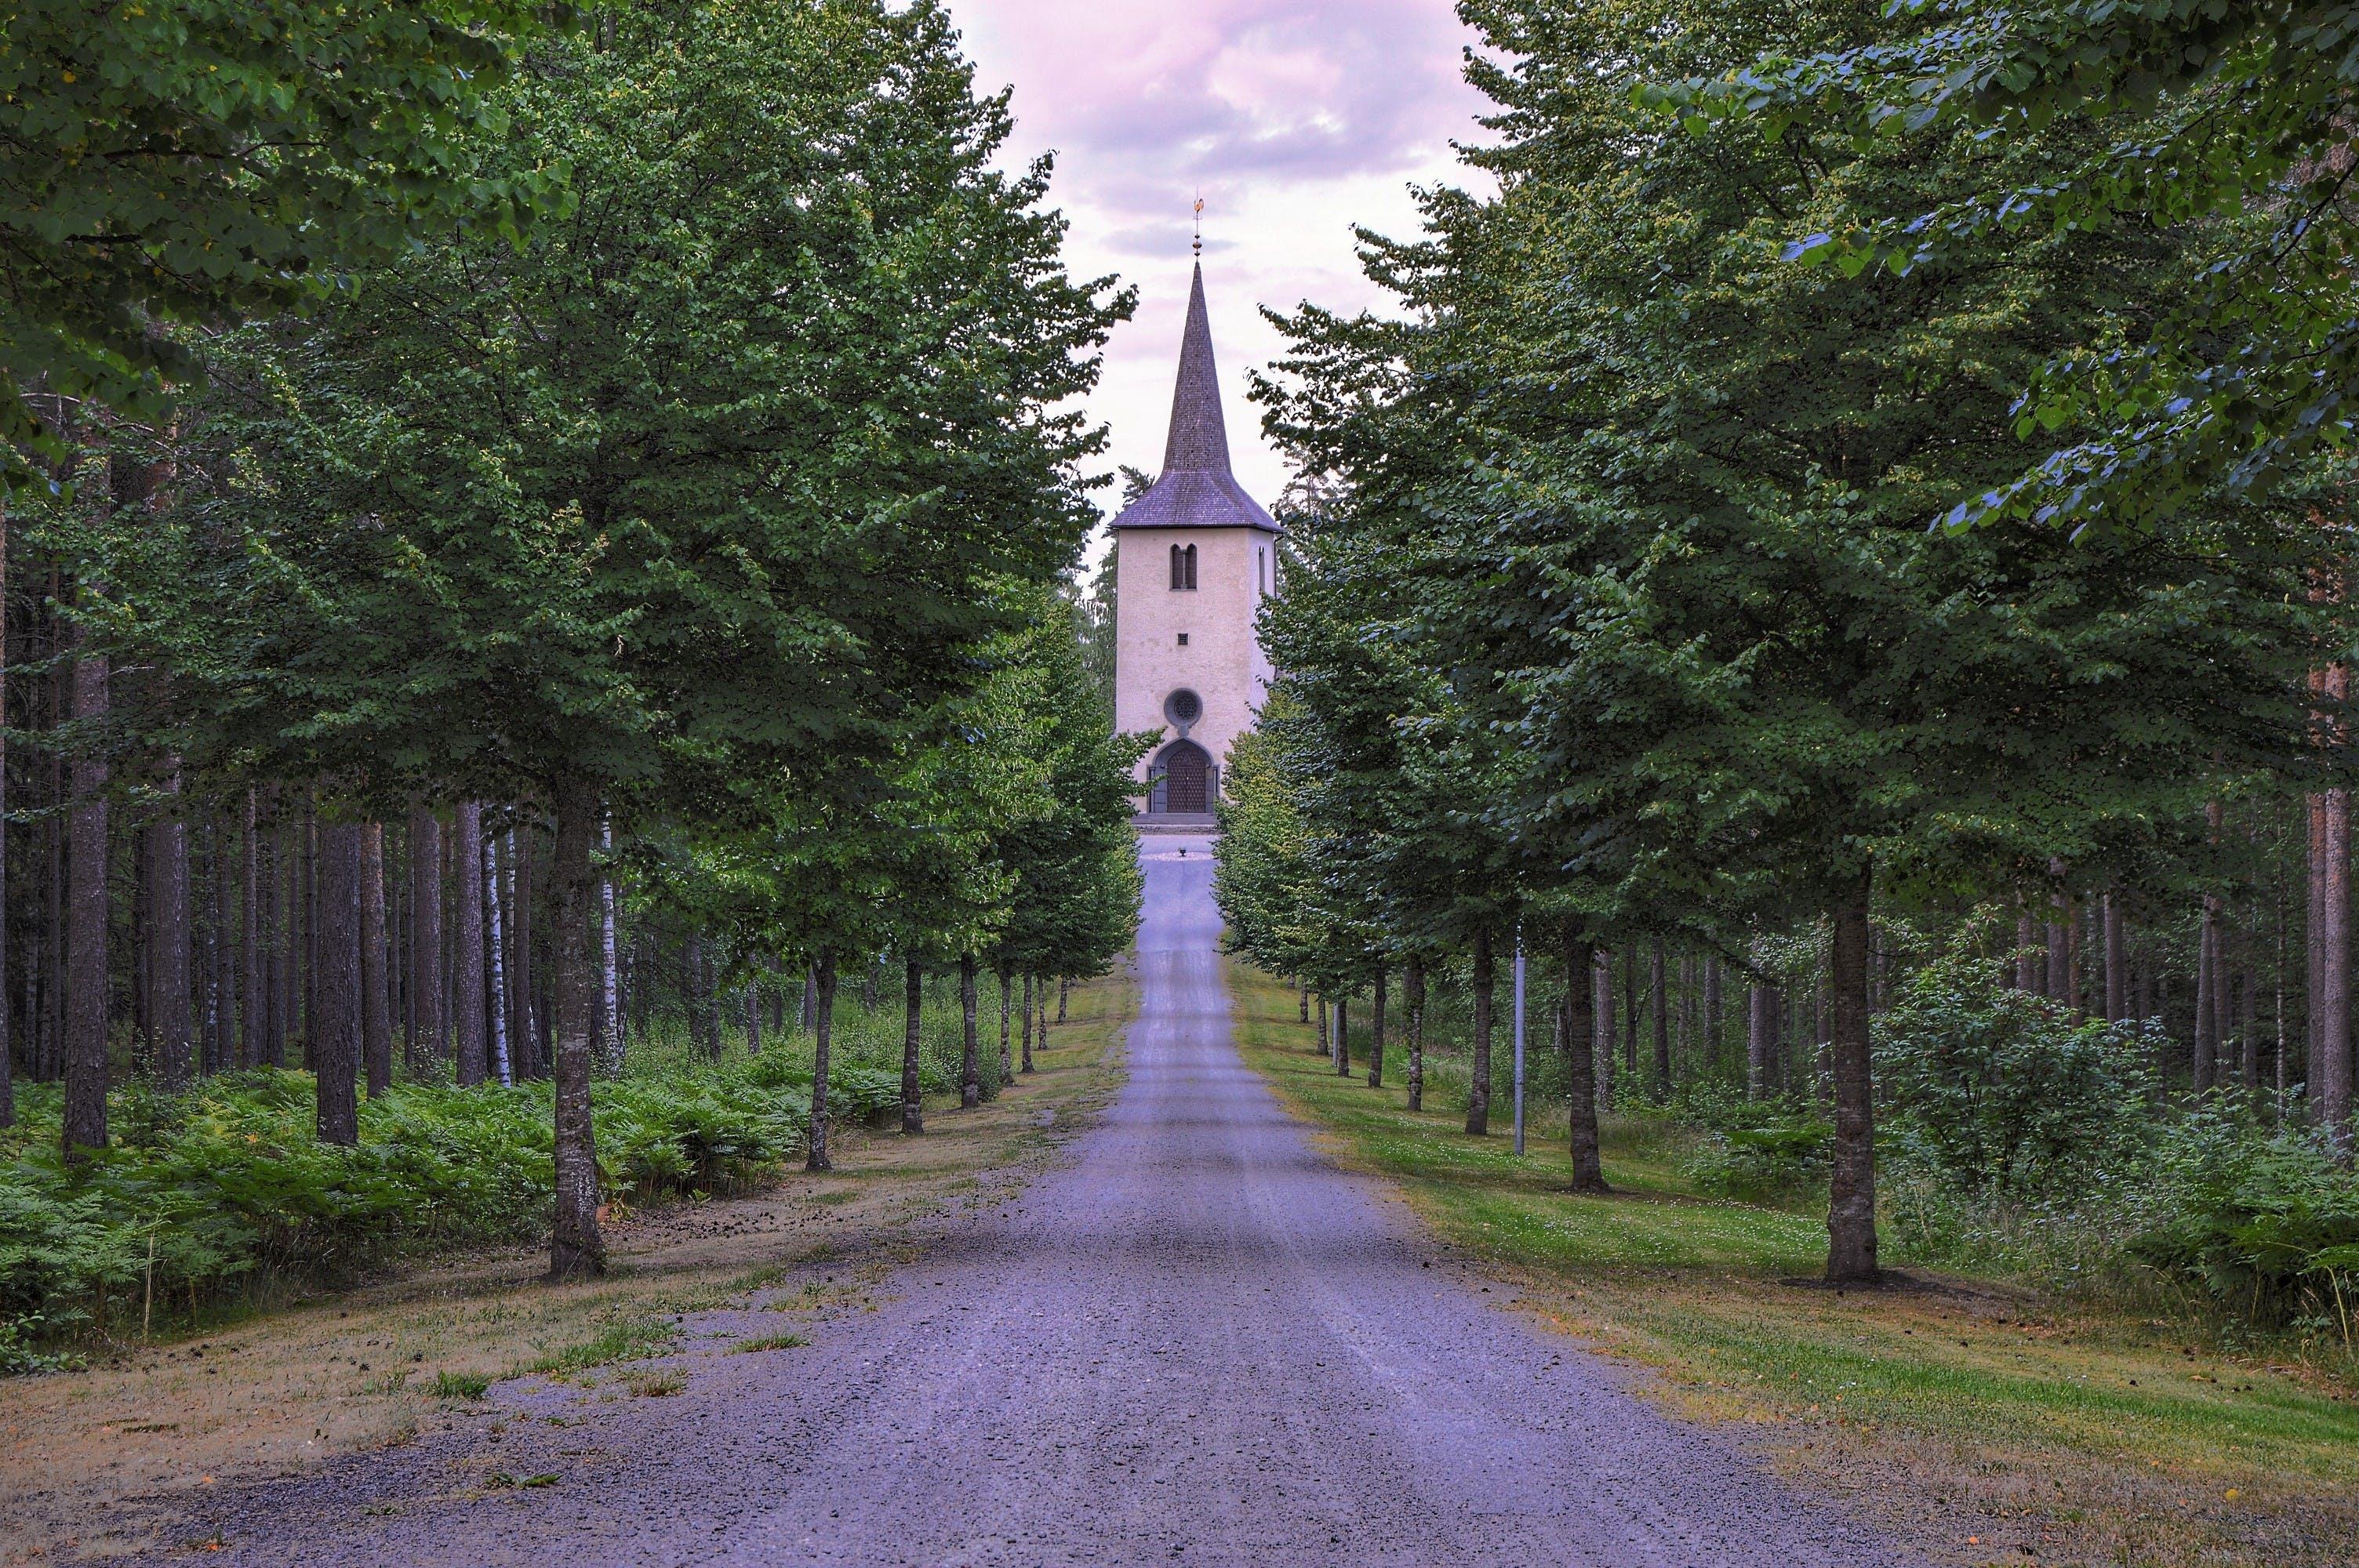 Fotos de stock gratuitas de arboles, bosque, camino, carretera